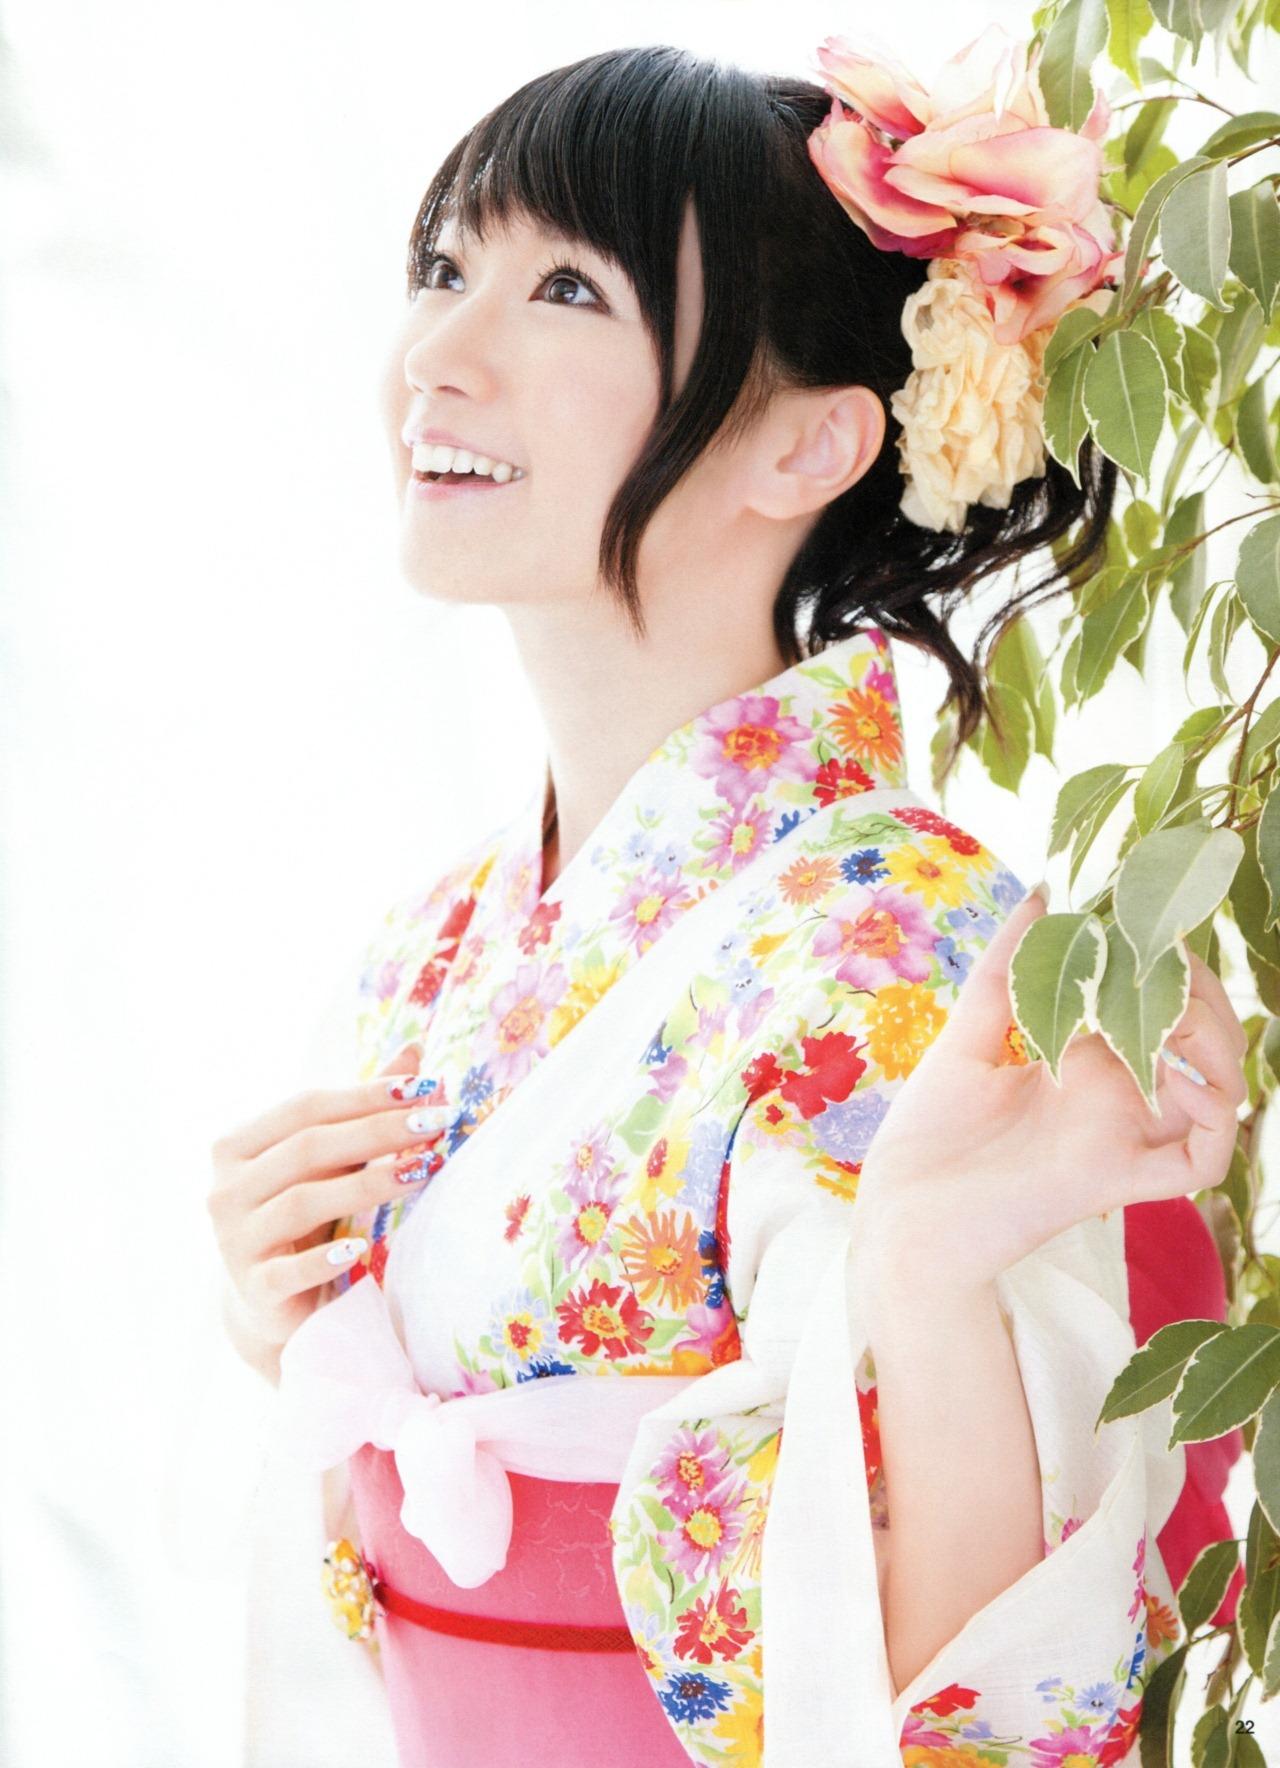 水樹奈々 Nm7 Blog ページ 5